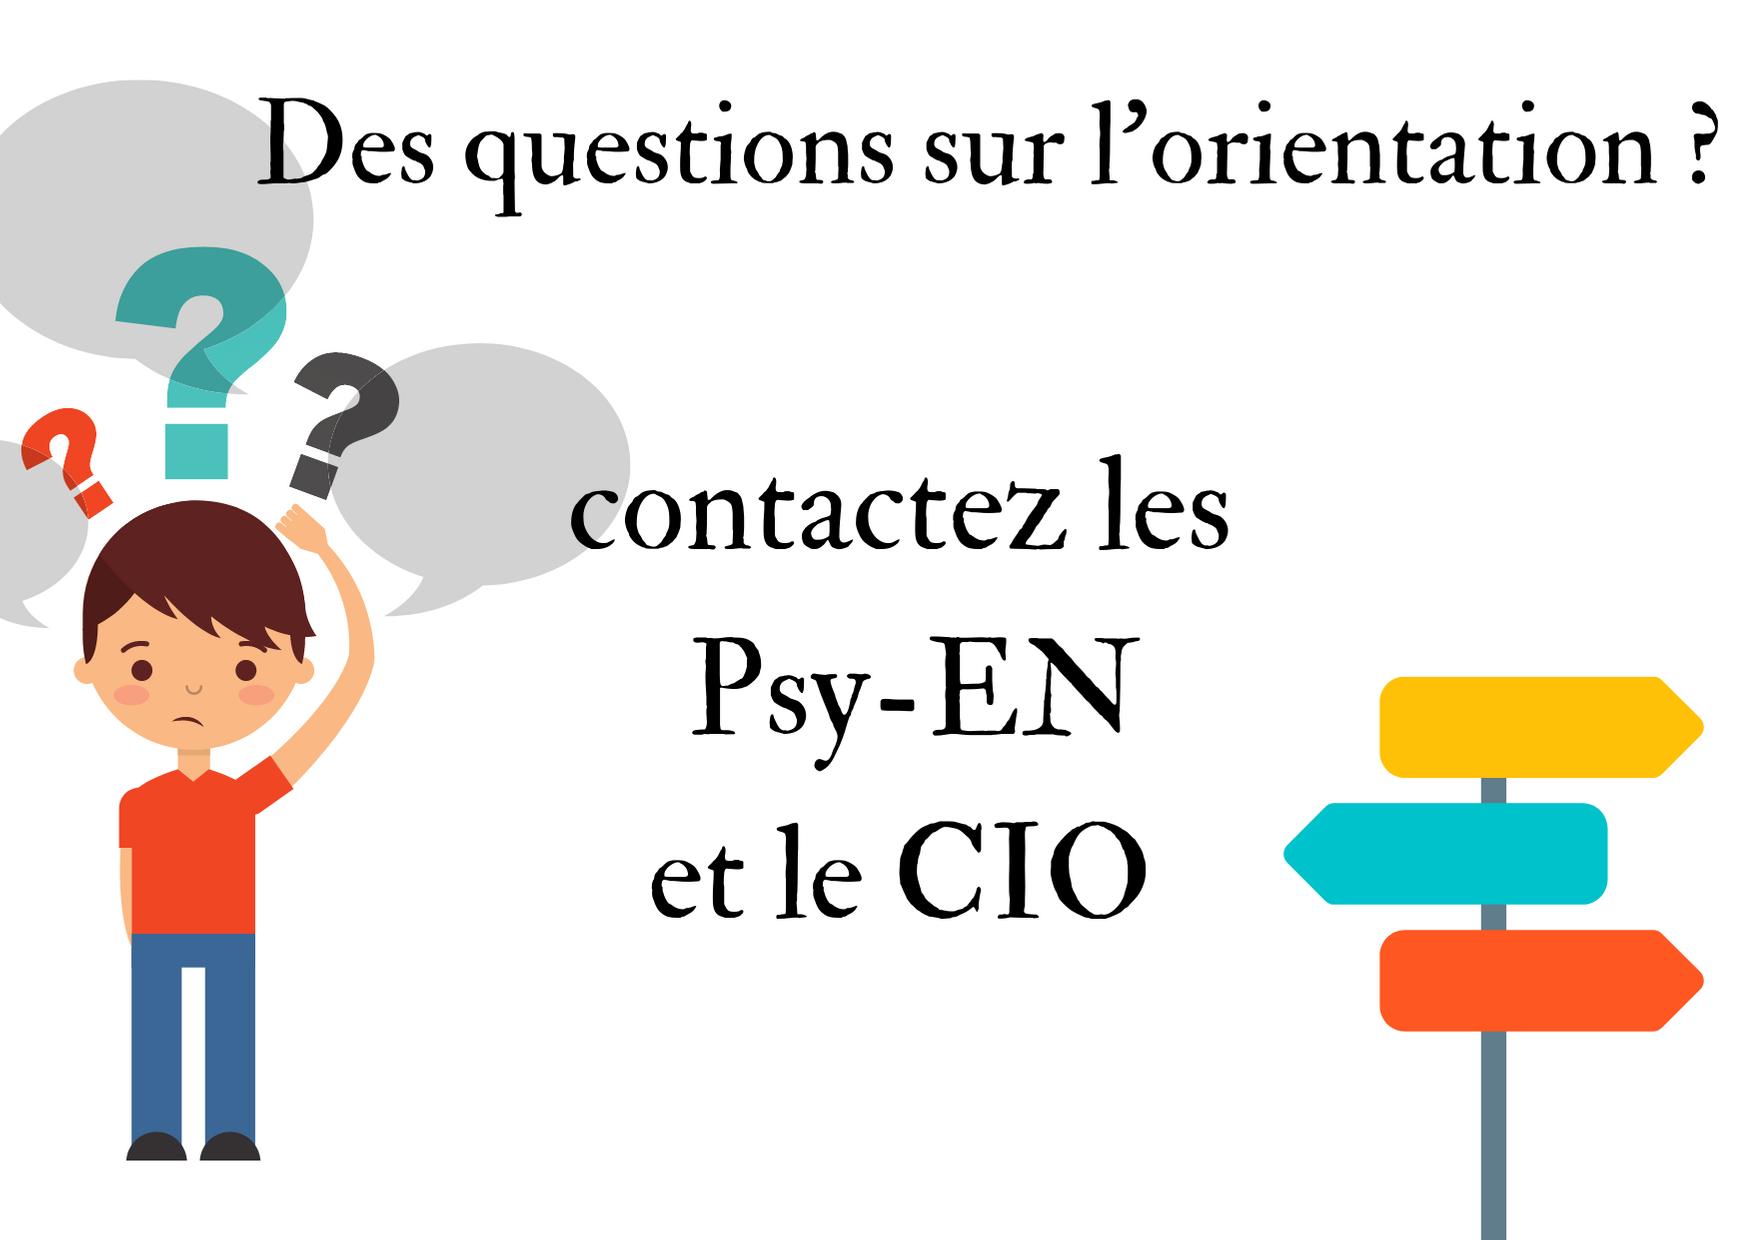 Des questions sur l'orientation contactez les Psy-EN et le CIO.png